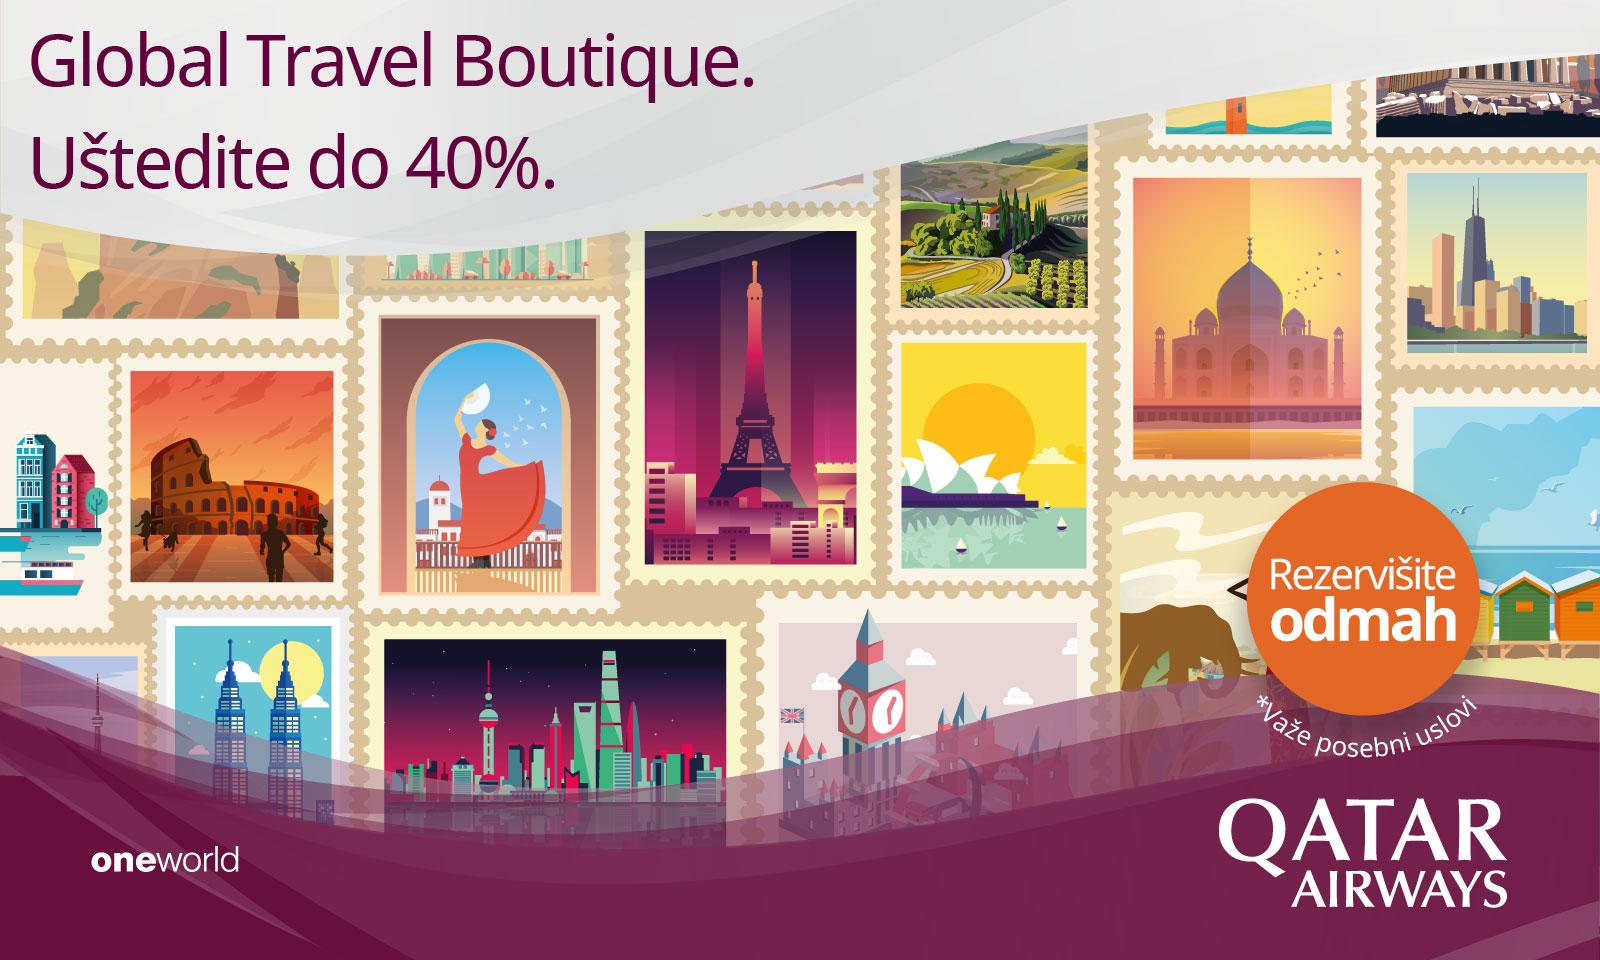 QATAR AIRWAYS GLOBAL TRAVEL BOUTIQUE